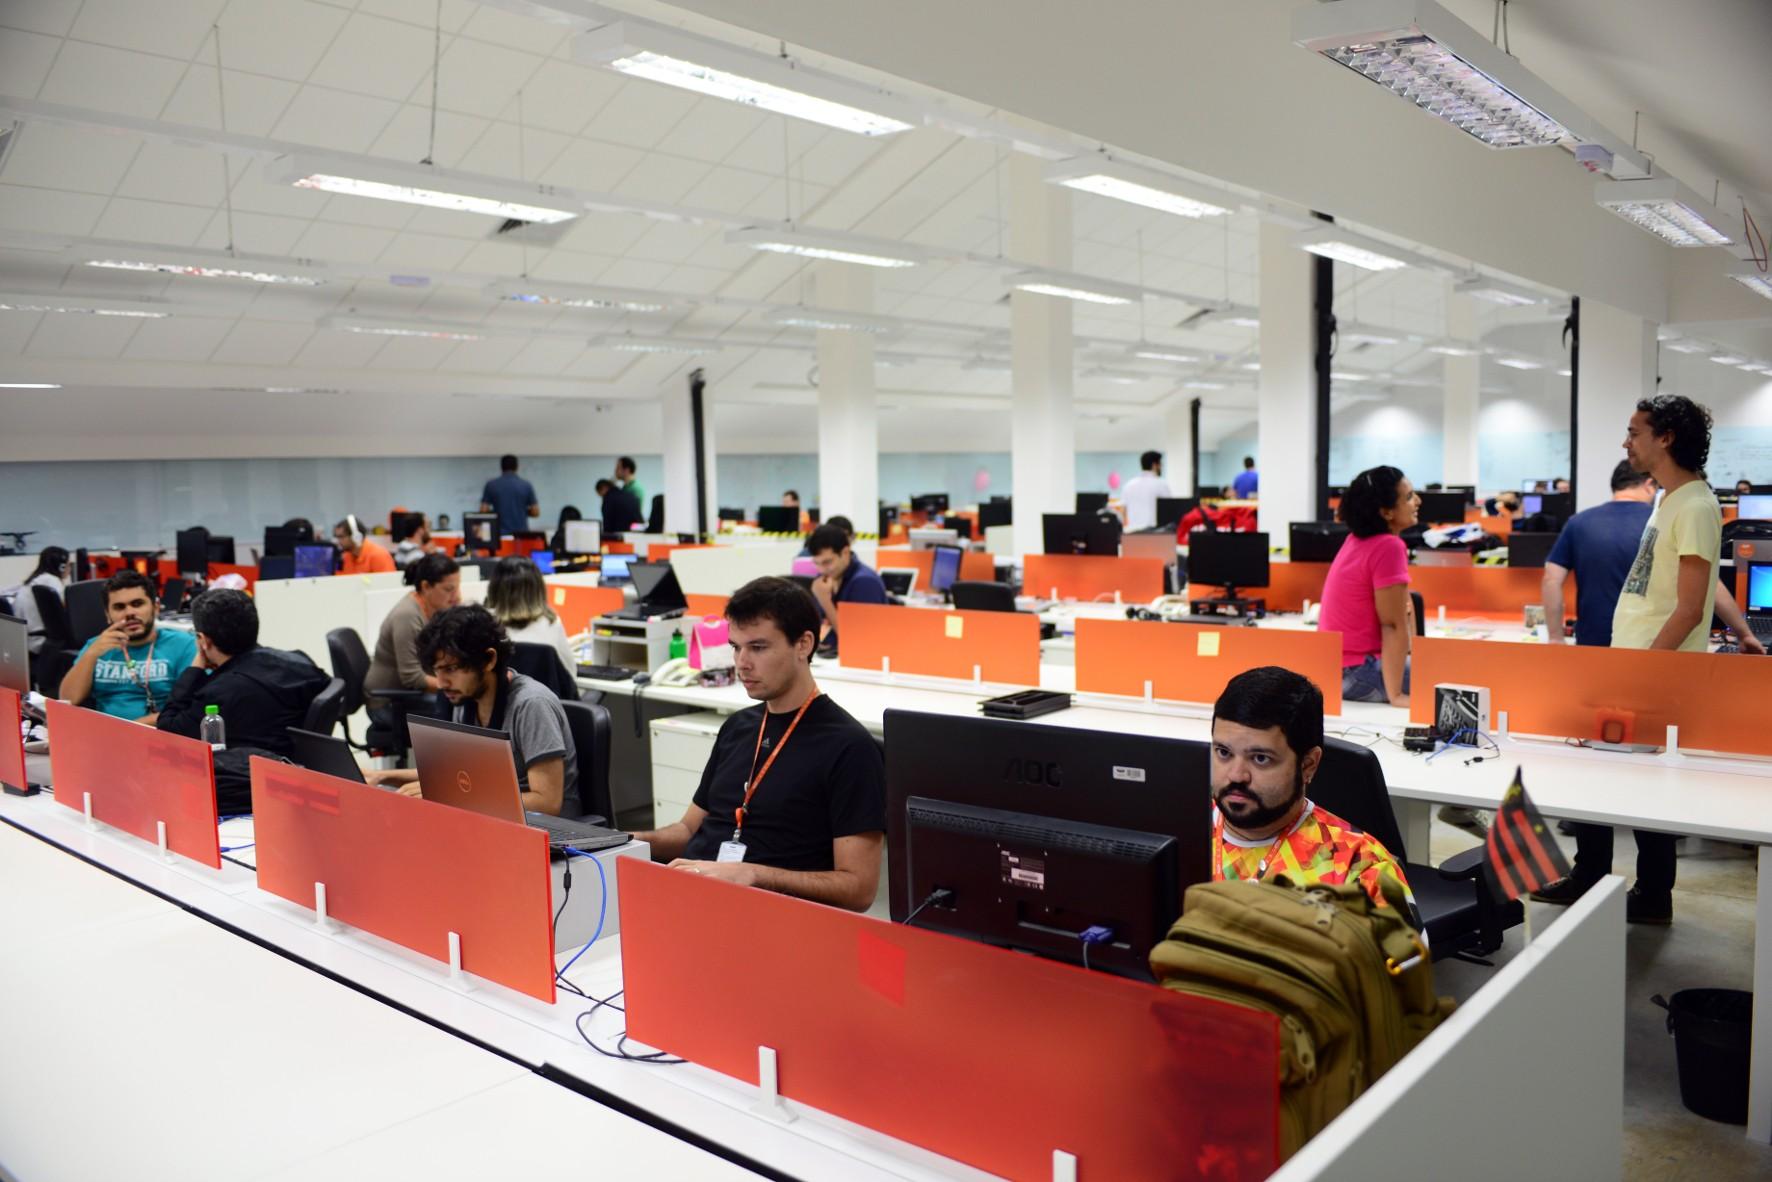 Cesar inscreve estudantes universitários para programa Summer Job, no Recife